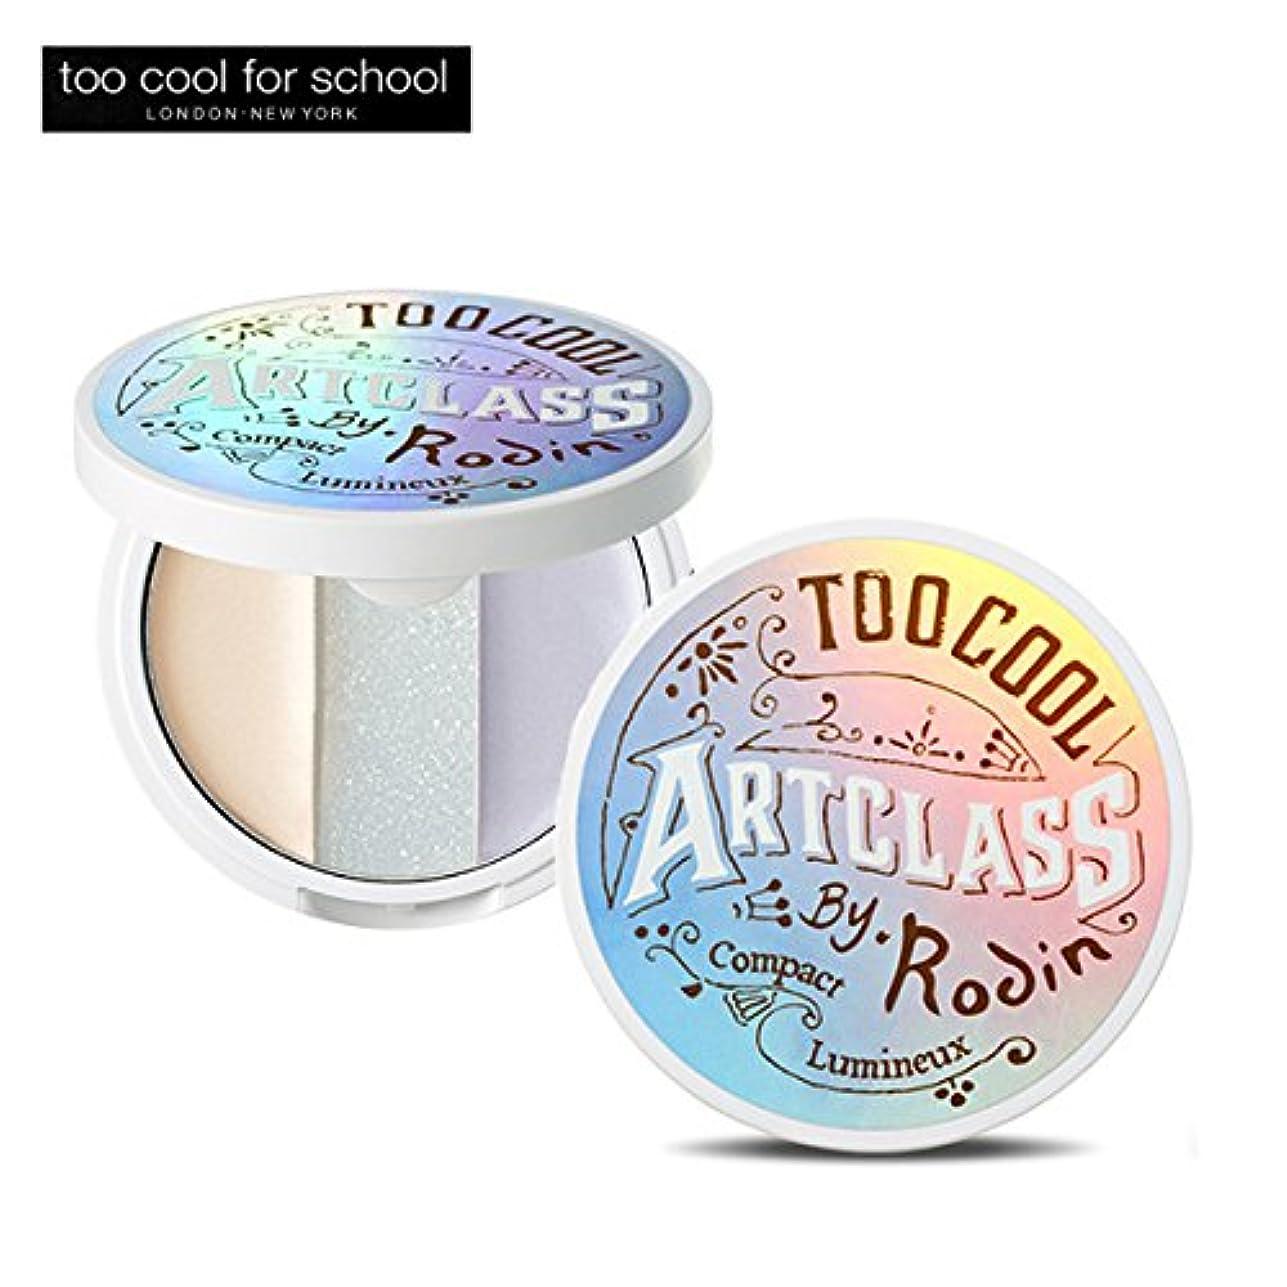 郵便シンボルトーナメントtoo cool for school(トゥークールフォースクール) アートクラス バイロデン ルミナスバーニッシュ(Art Class By Rodin Lumineuse Varnish)7g